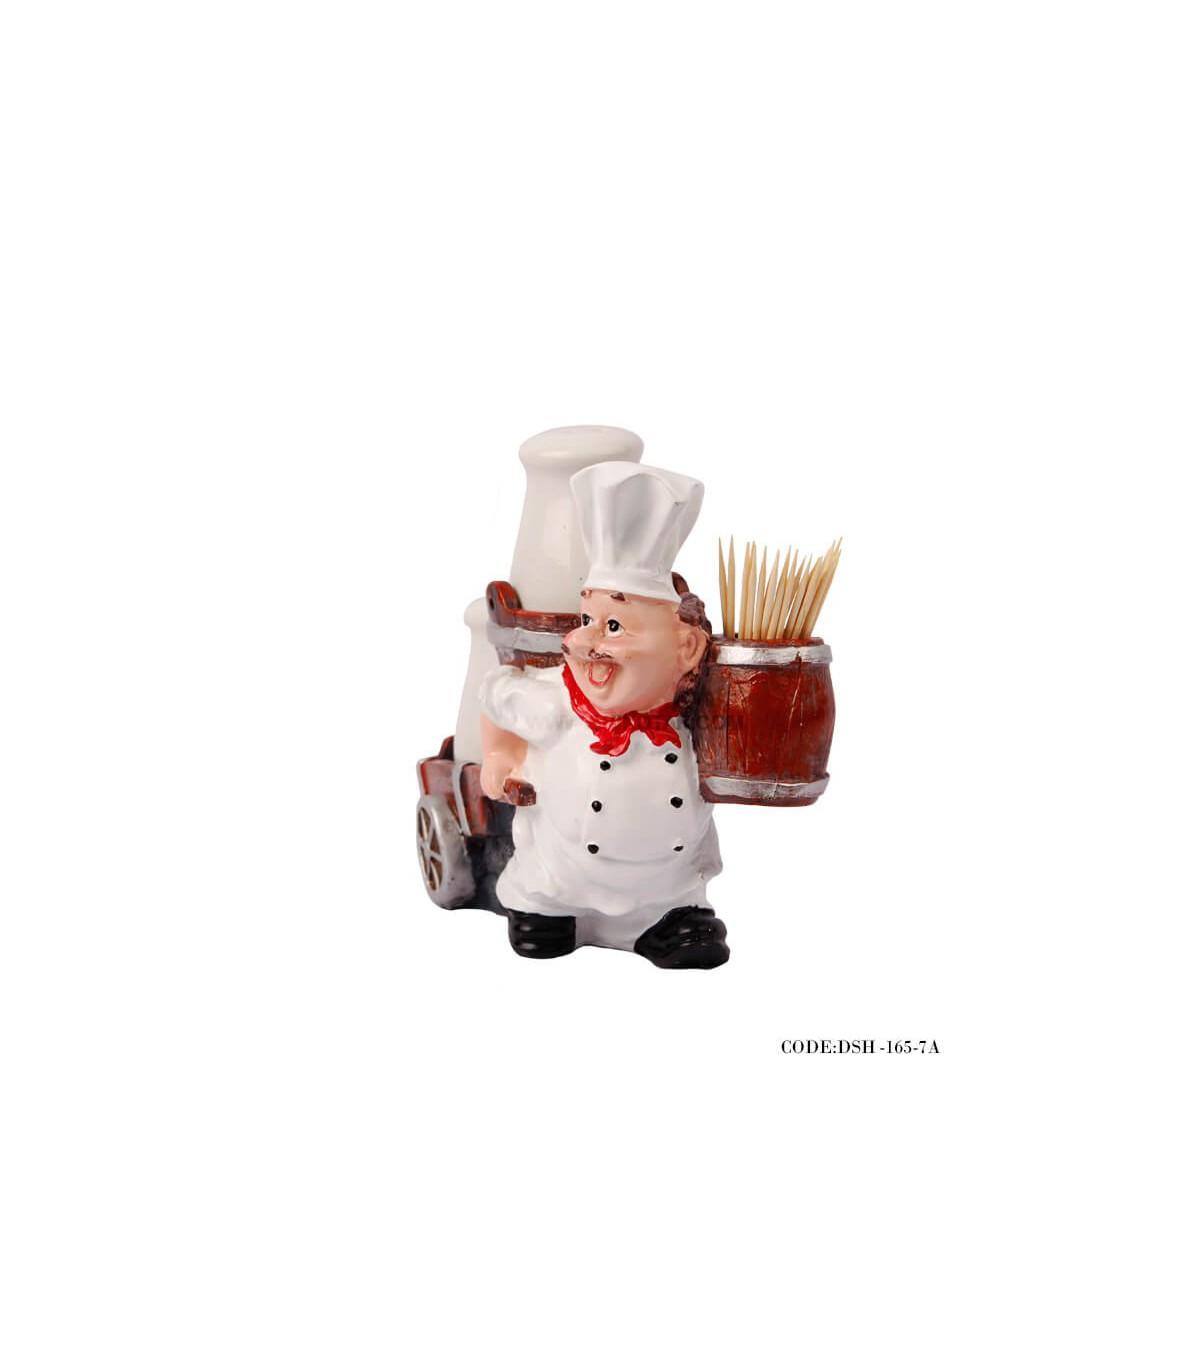 مجسمه نمک پاش و جاخلالی آشپز